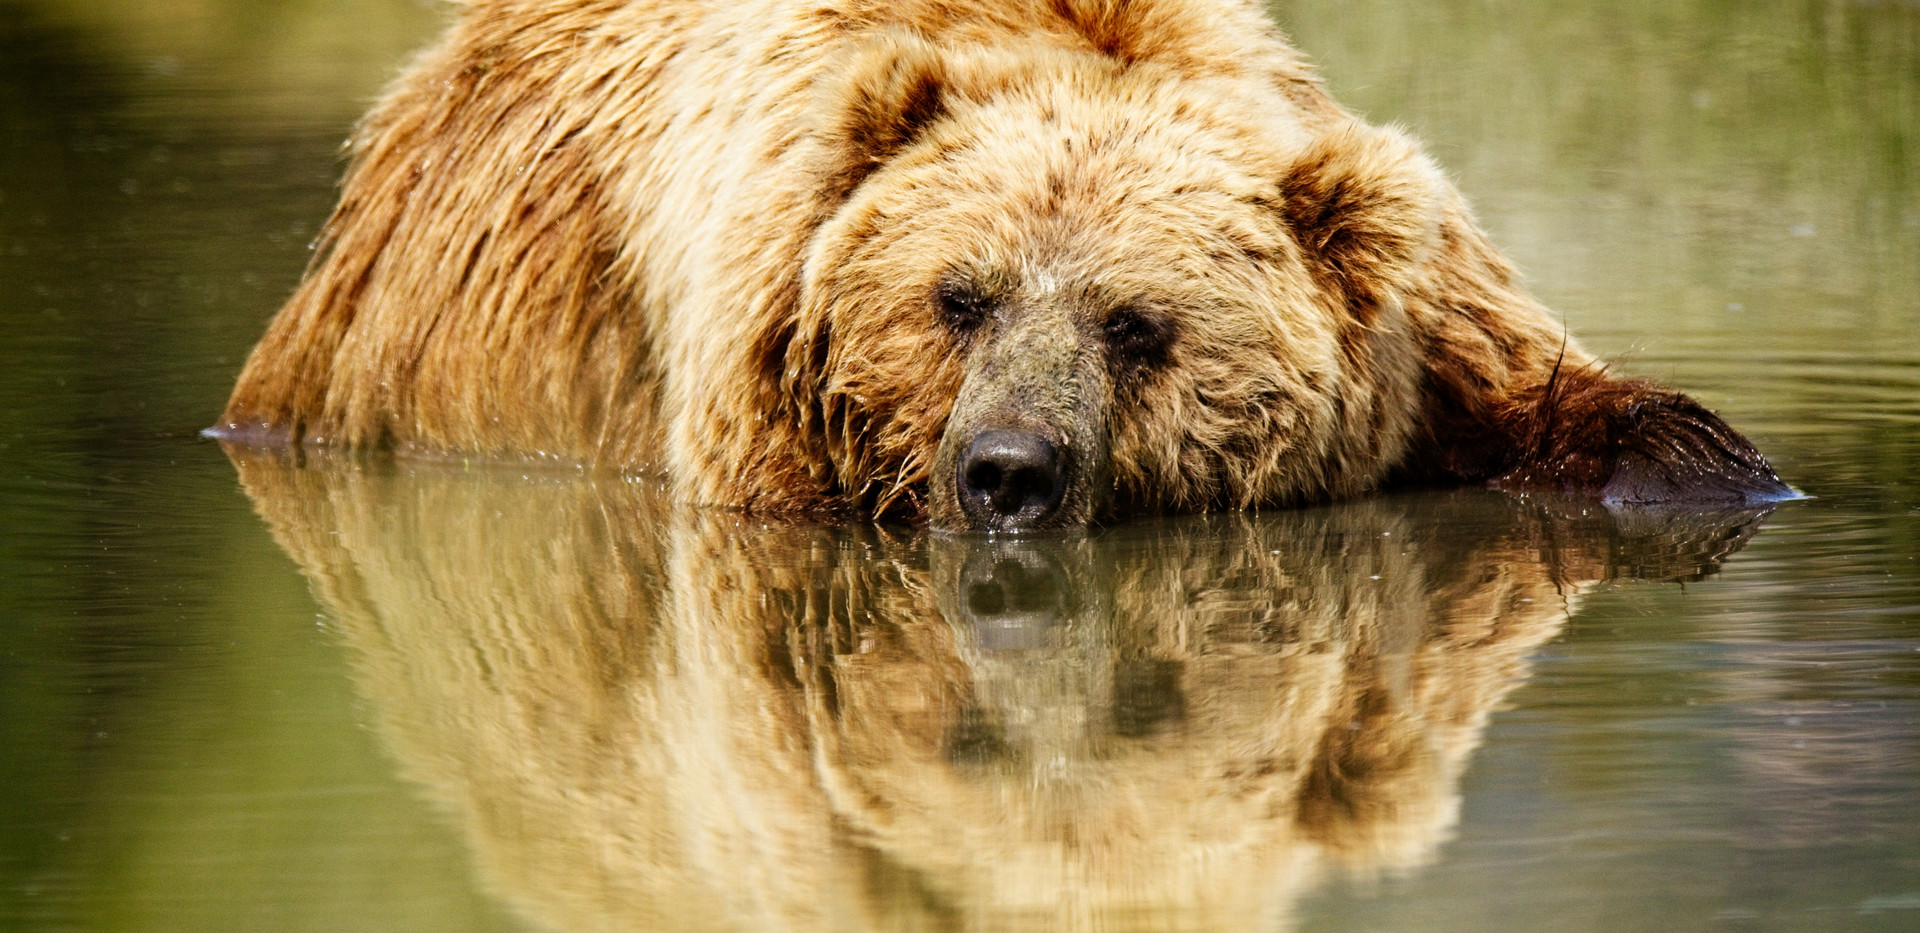 Bear reflection